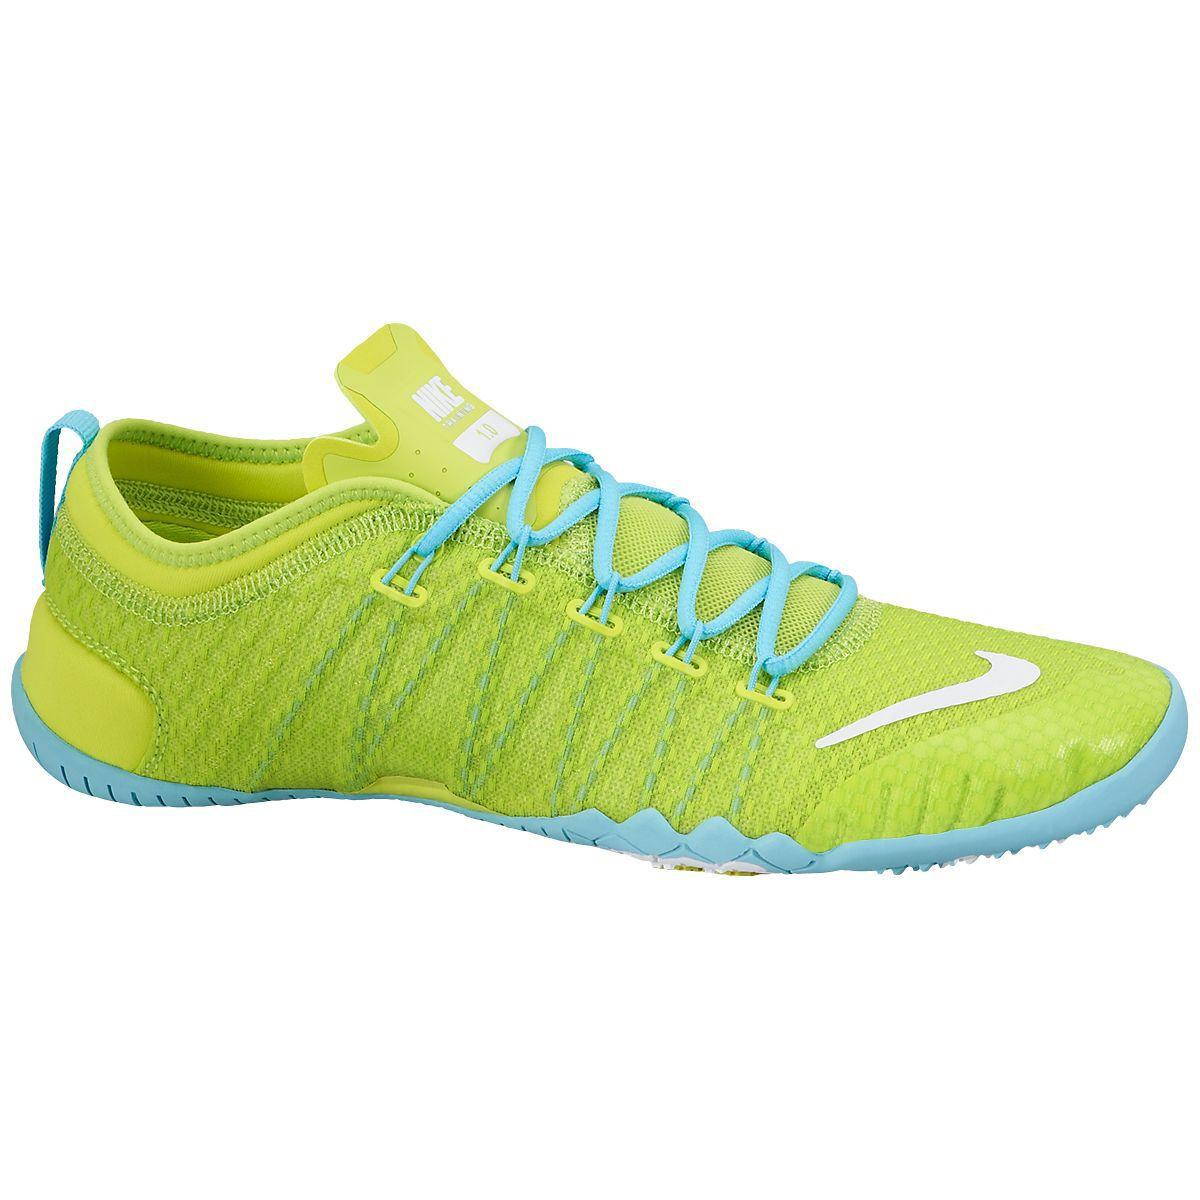 Nike Free 1.0 Cross Bionic Womenu0027s Training Shoe. Great for HIIT